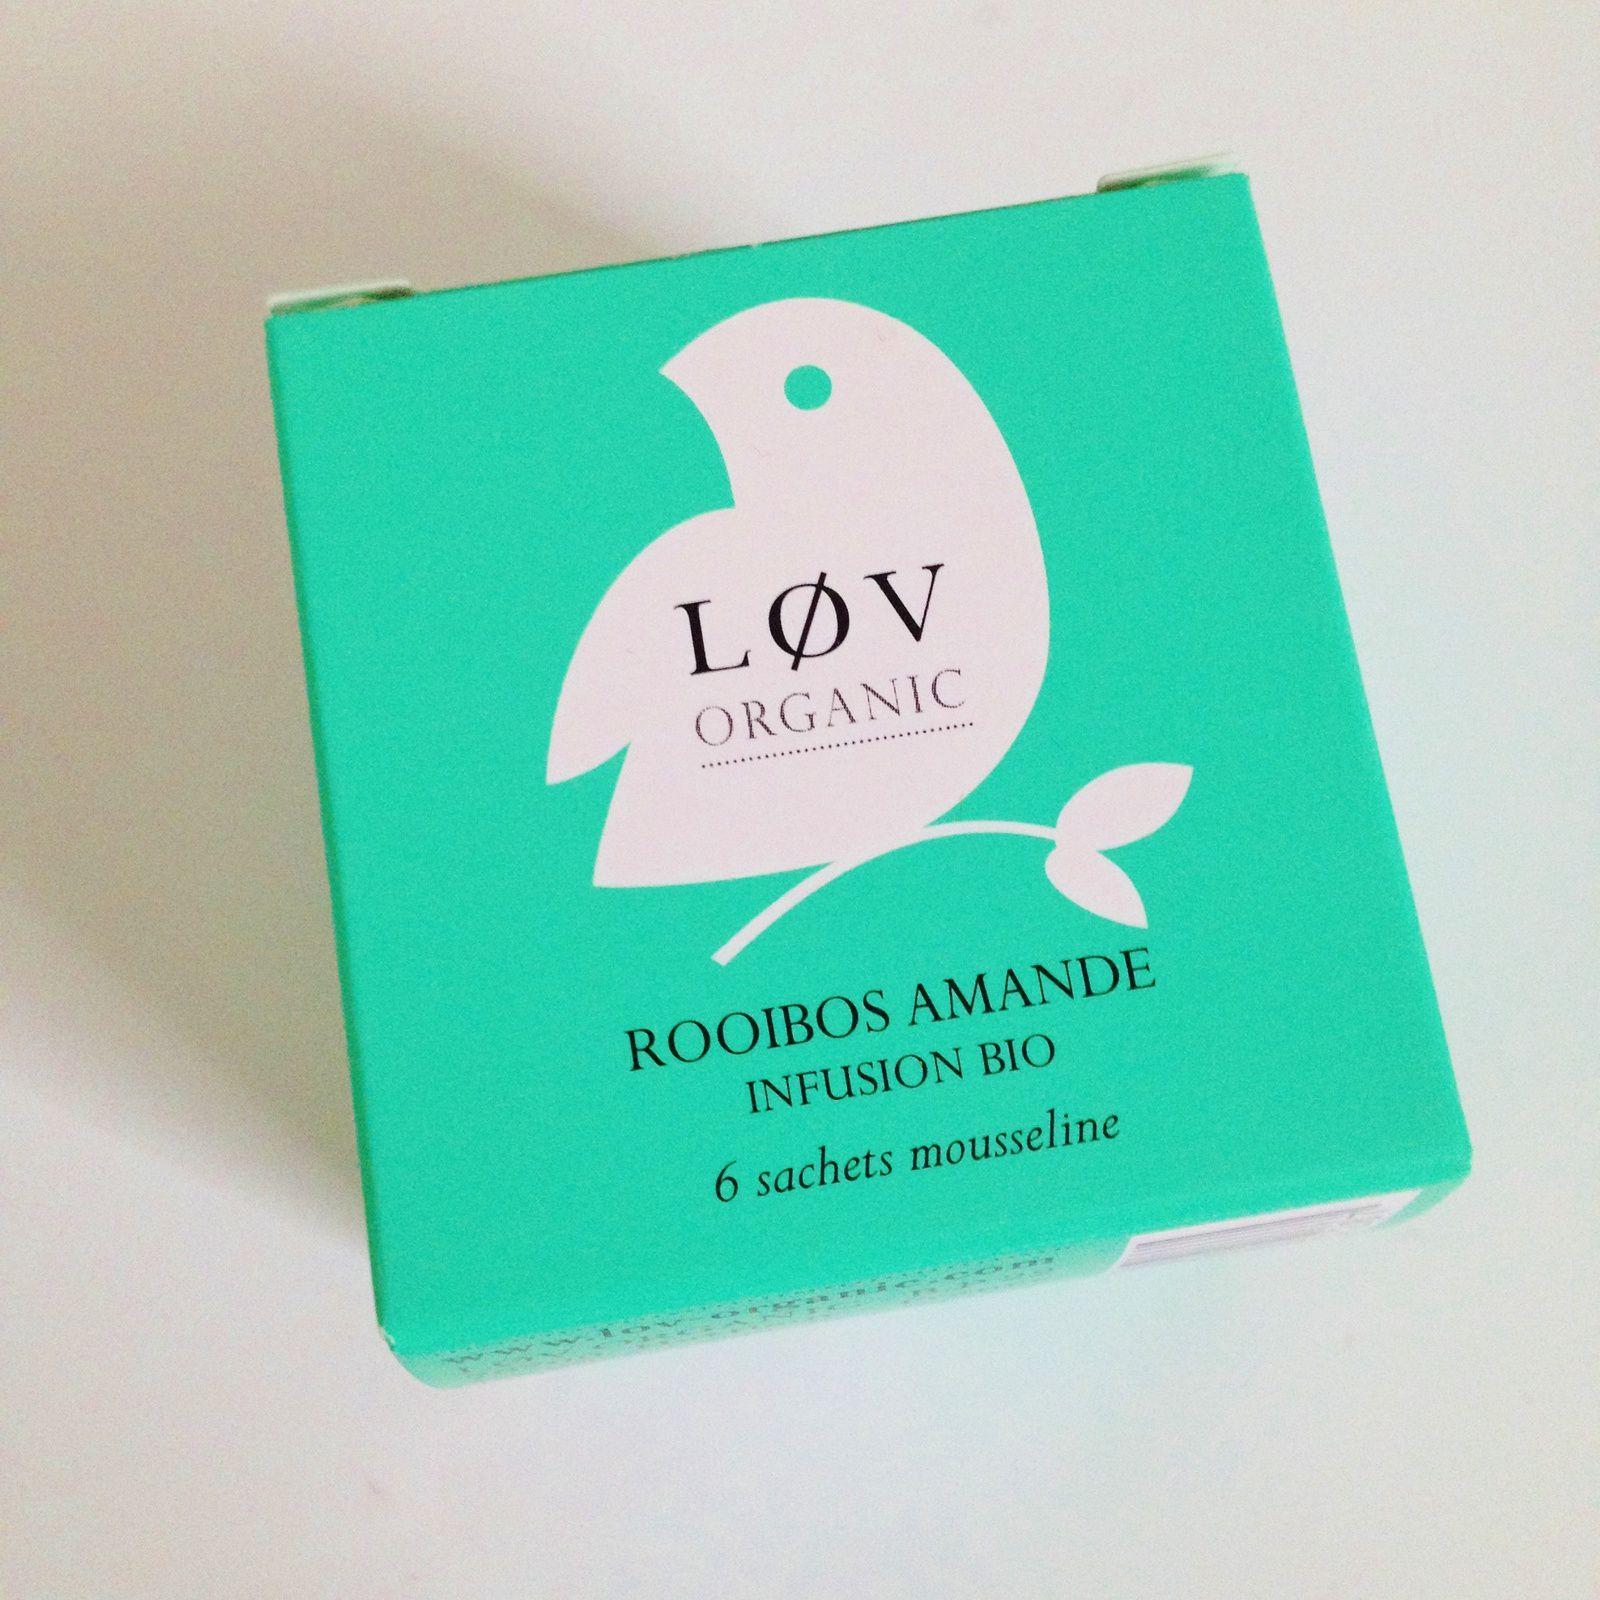 Pour les goodies:un petit paquet contenant 6 sachets de thé de Lov Organic. Je n'en bois pas mais l'idée est bonne car correspond parfaitement au thème.